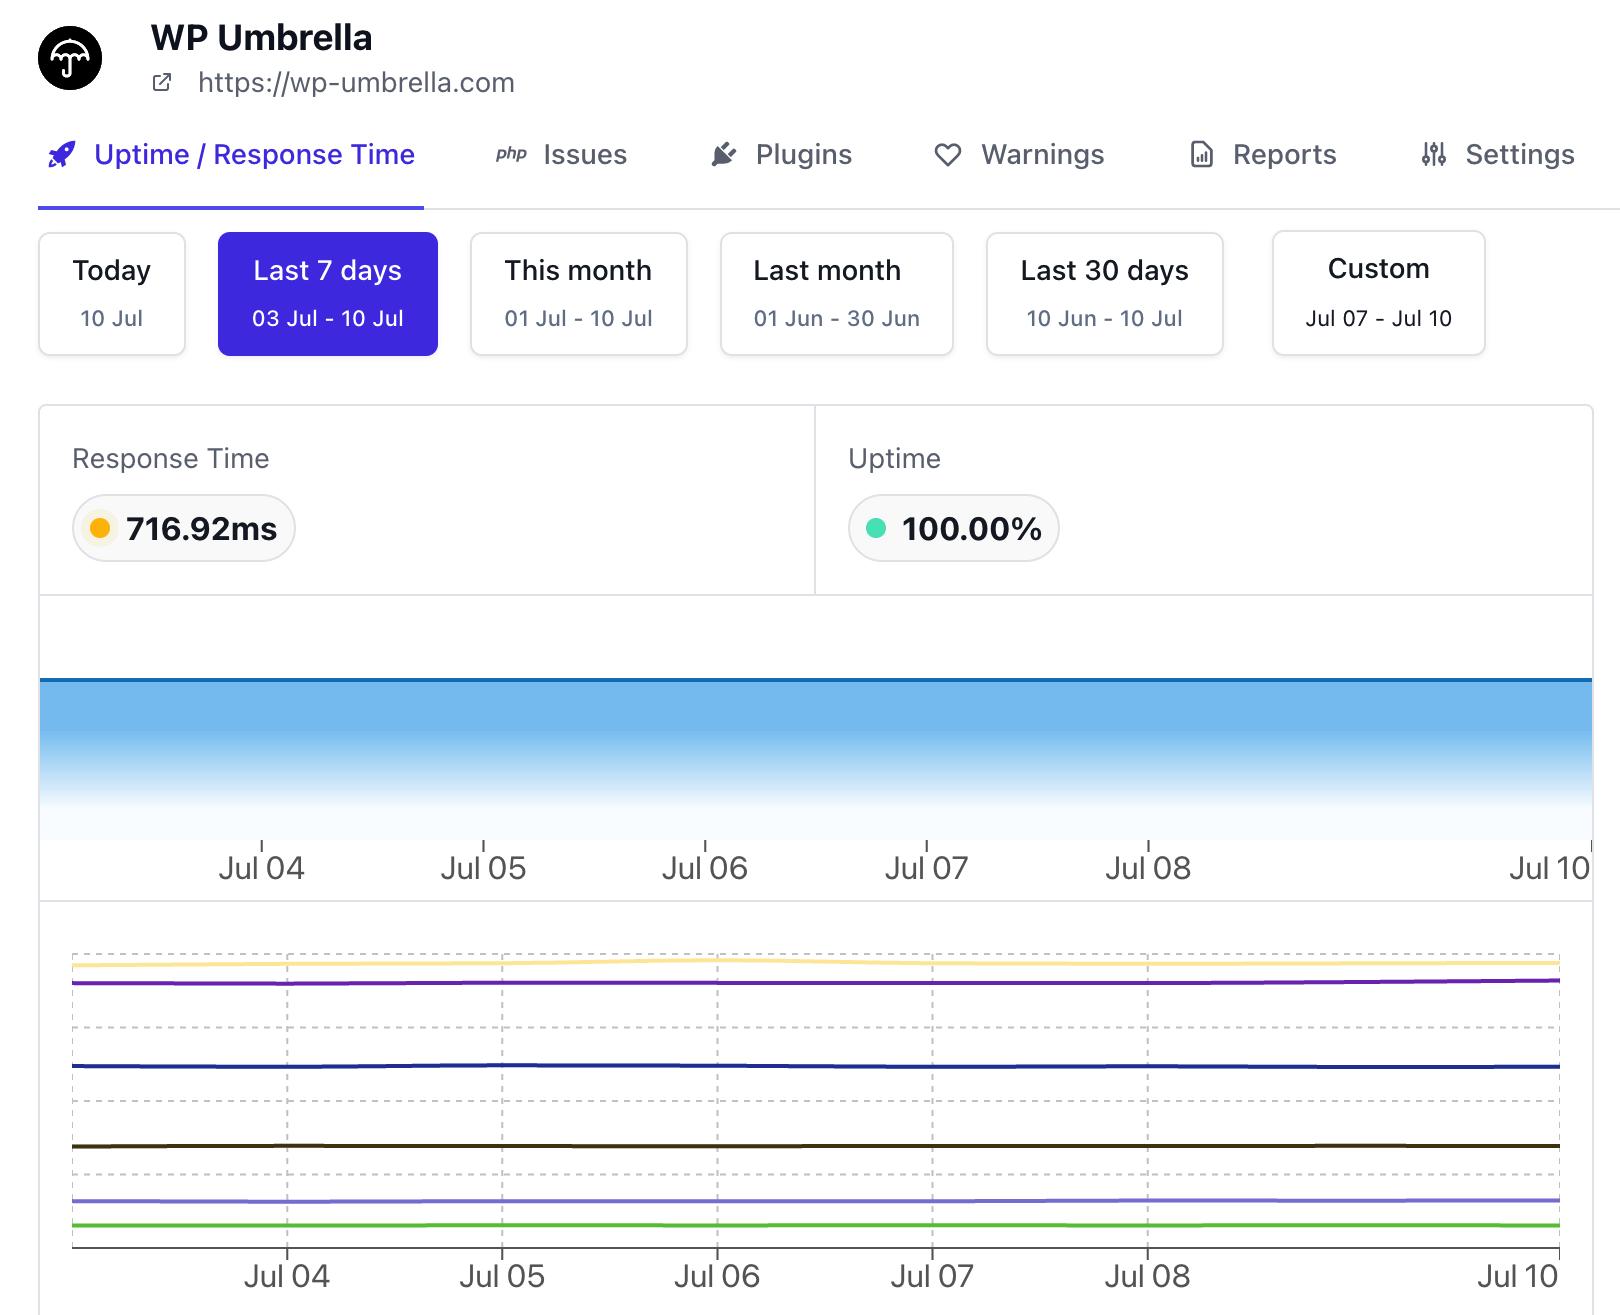 velocidad de tiempo de actividad de rendimiento de paraguas de wp en todo el mundo